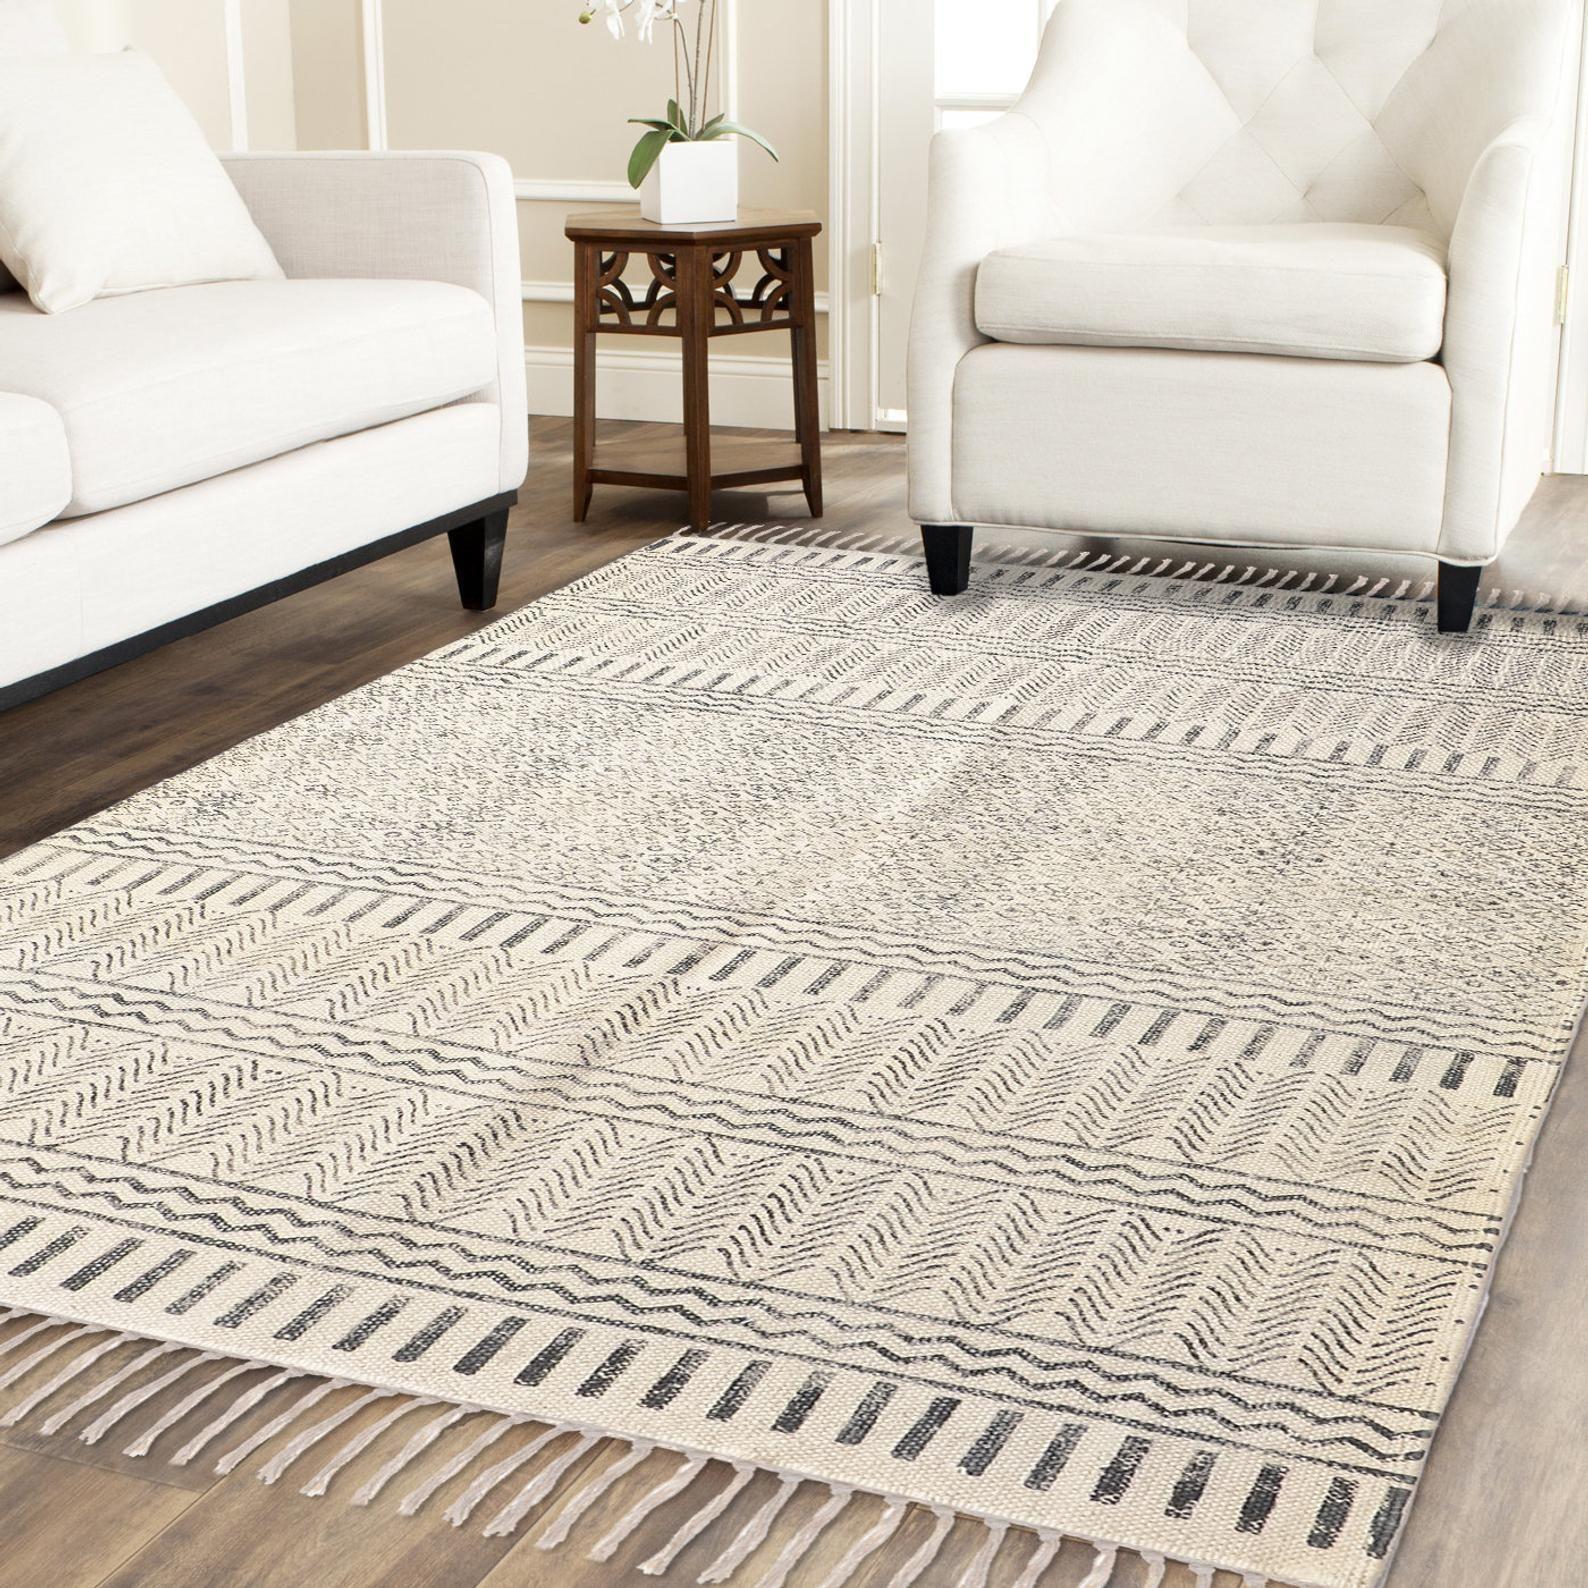 Handblock Printed Rug Indian Rug Large Rug Rug 4x6 Feet Rug Floor Rug Area Rug Rustic Rug Woven Rug Carpet Floor Rugs Indian Rugs Rugs On Carpet